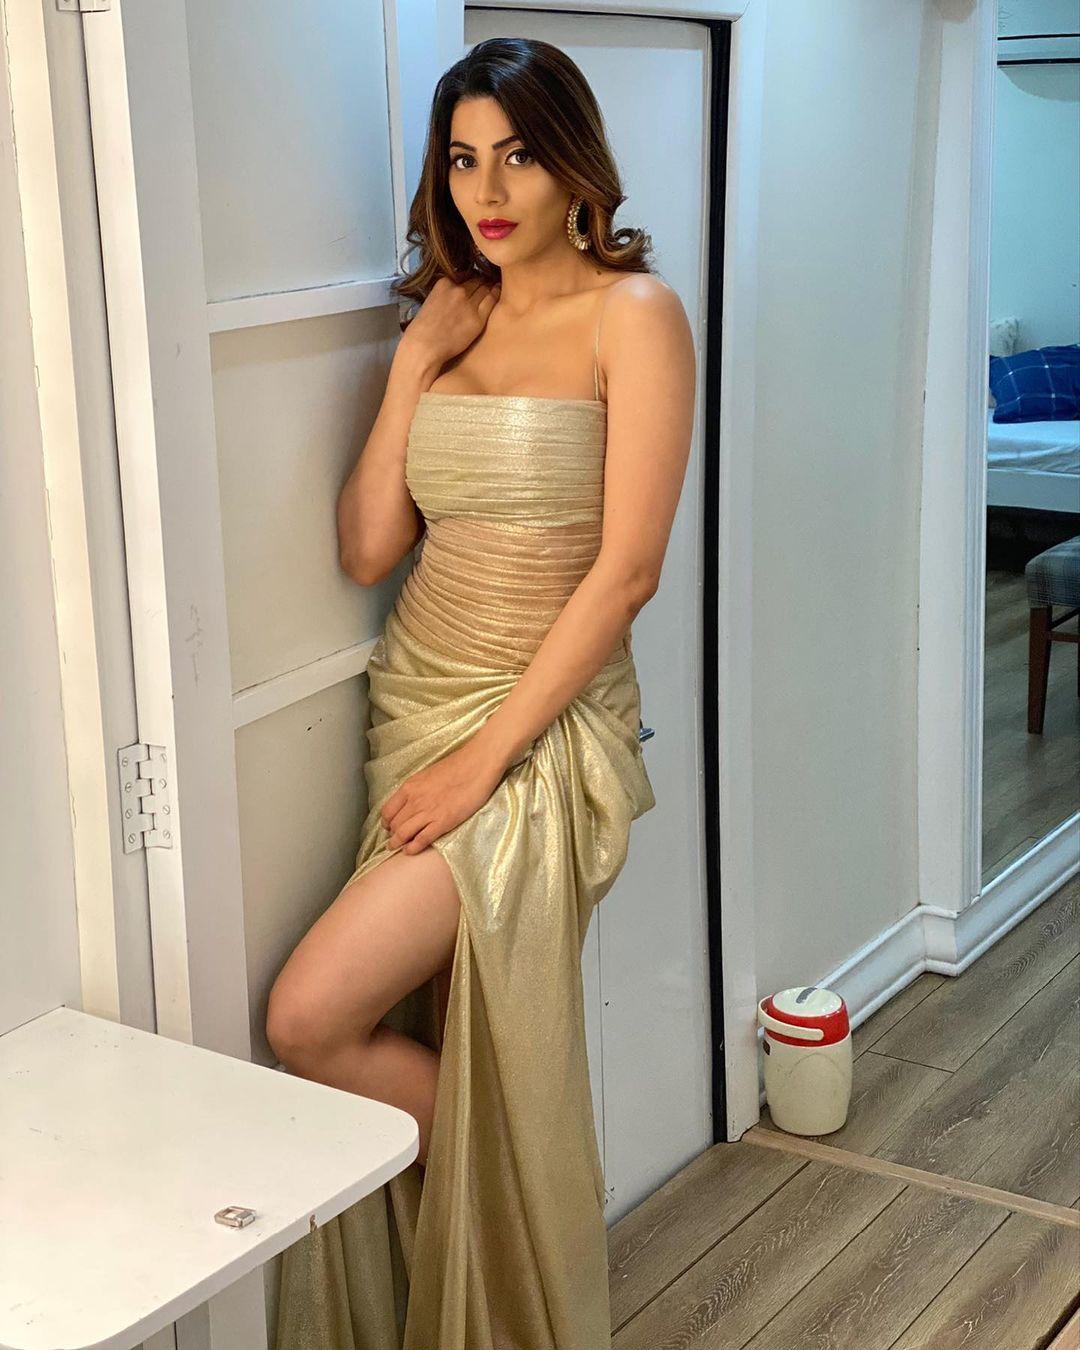 Nikki Tamboli's style wins people's hearts, Rubina-Jasmin also left behind